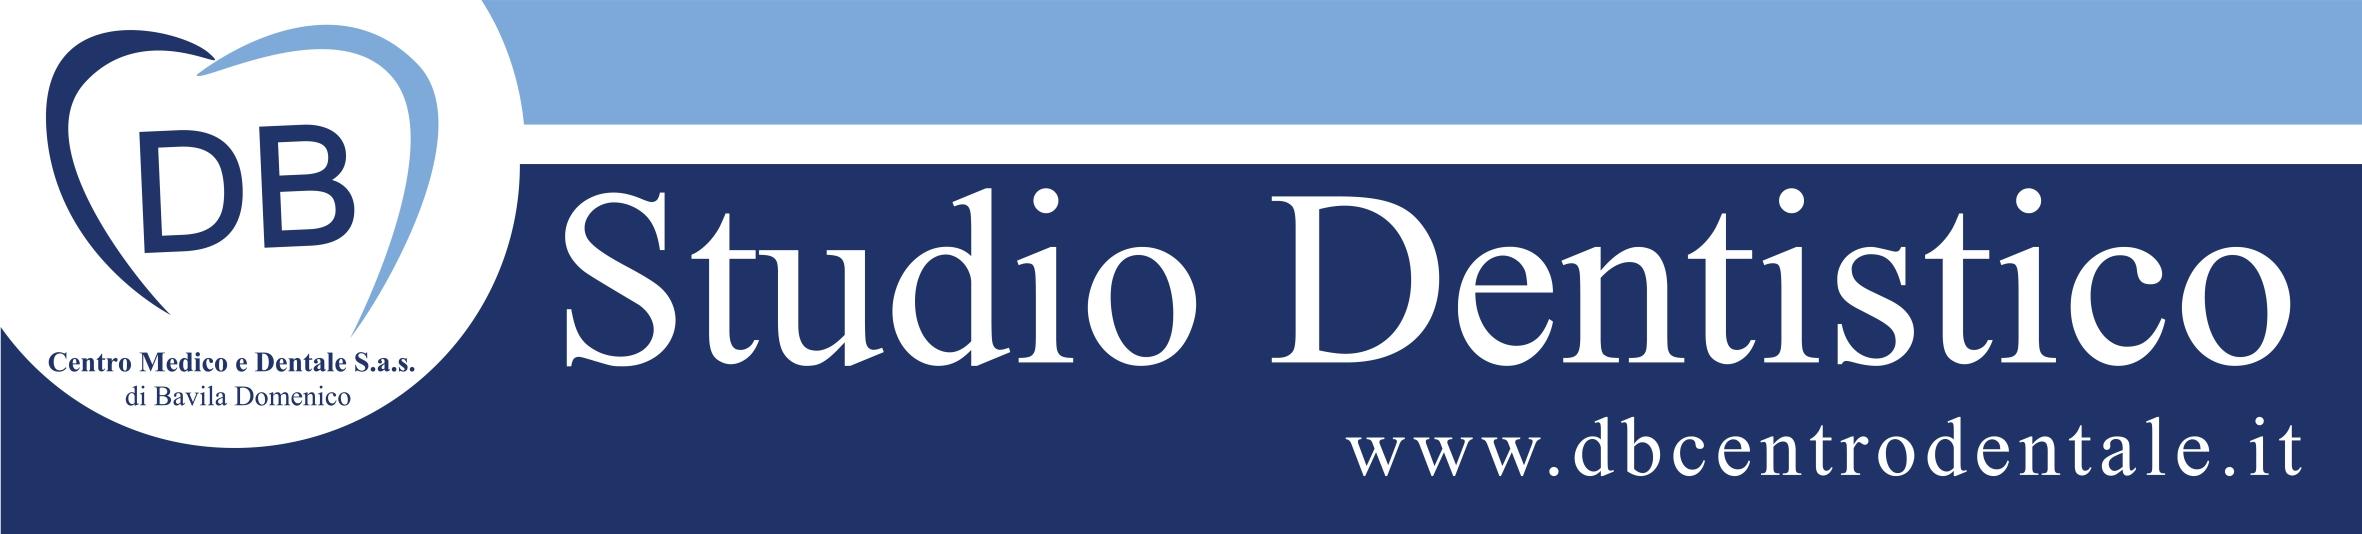 www.dbcentromedicodentale.com